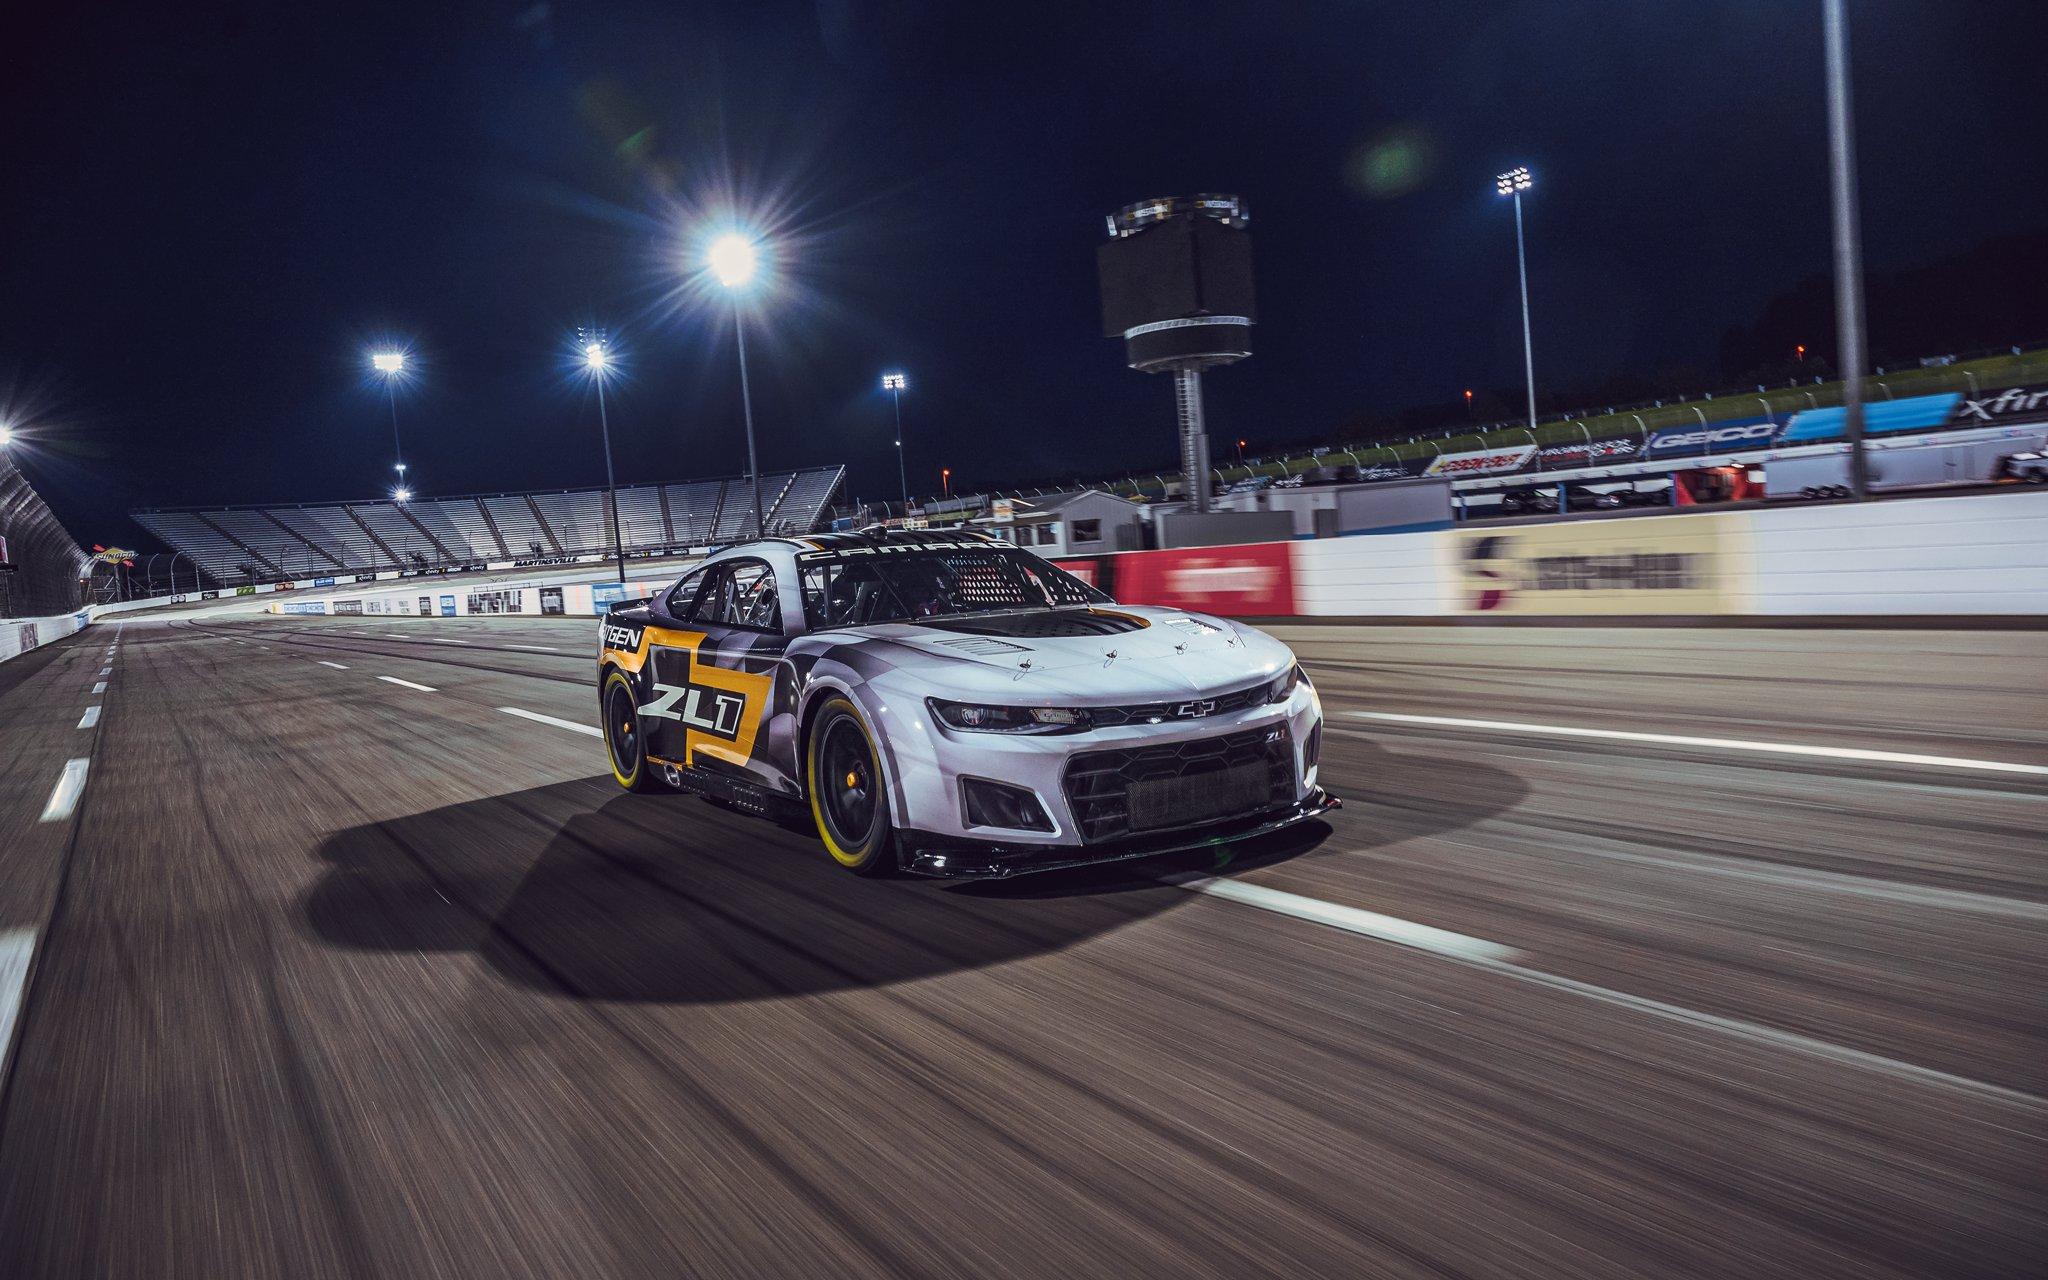 2022 NASCAR Chevy Camaro